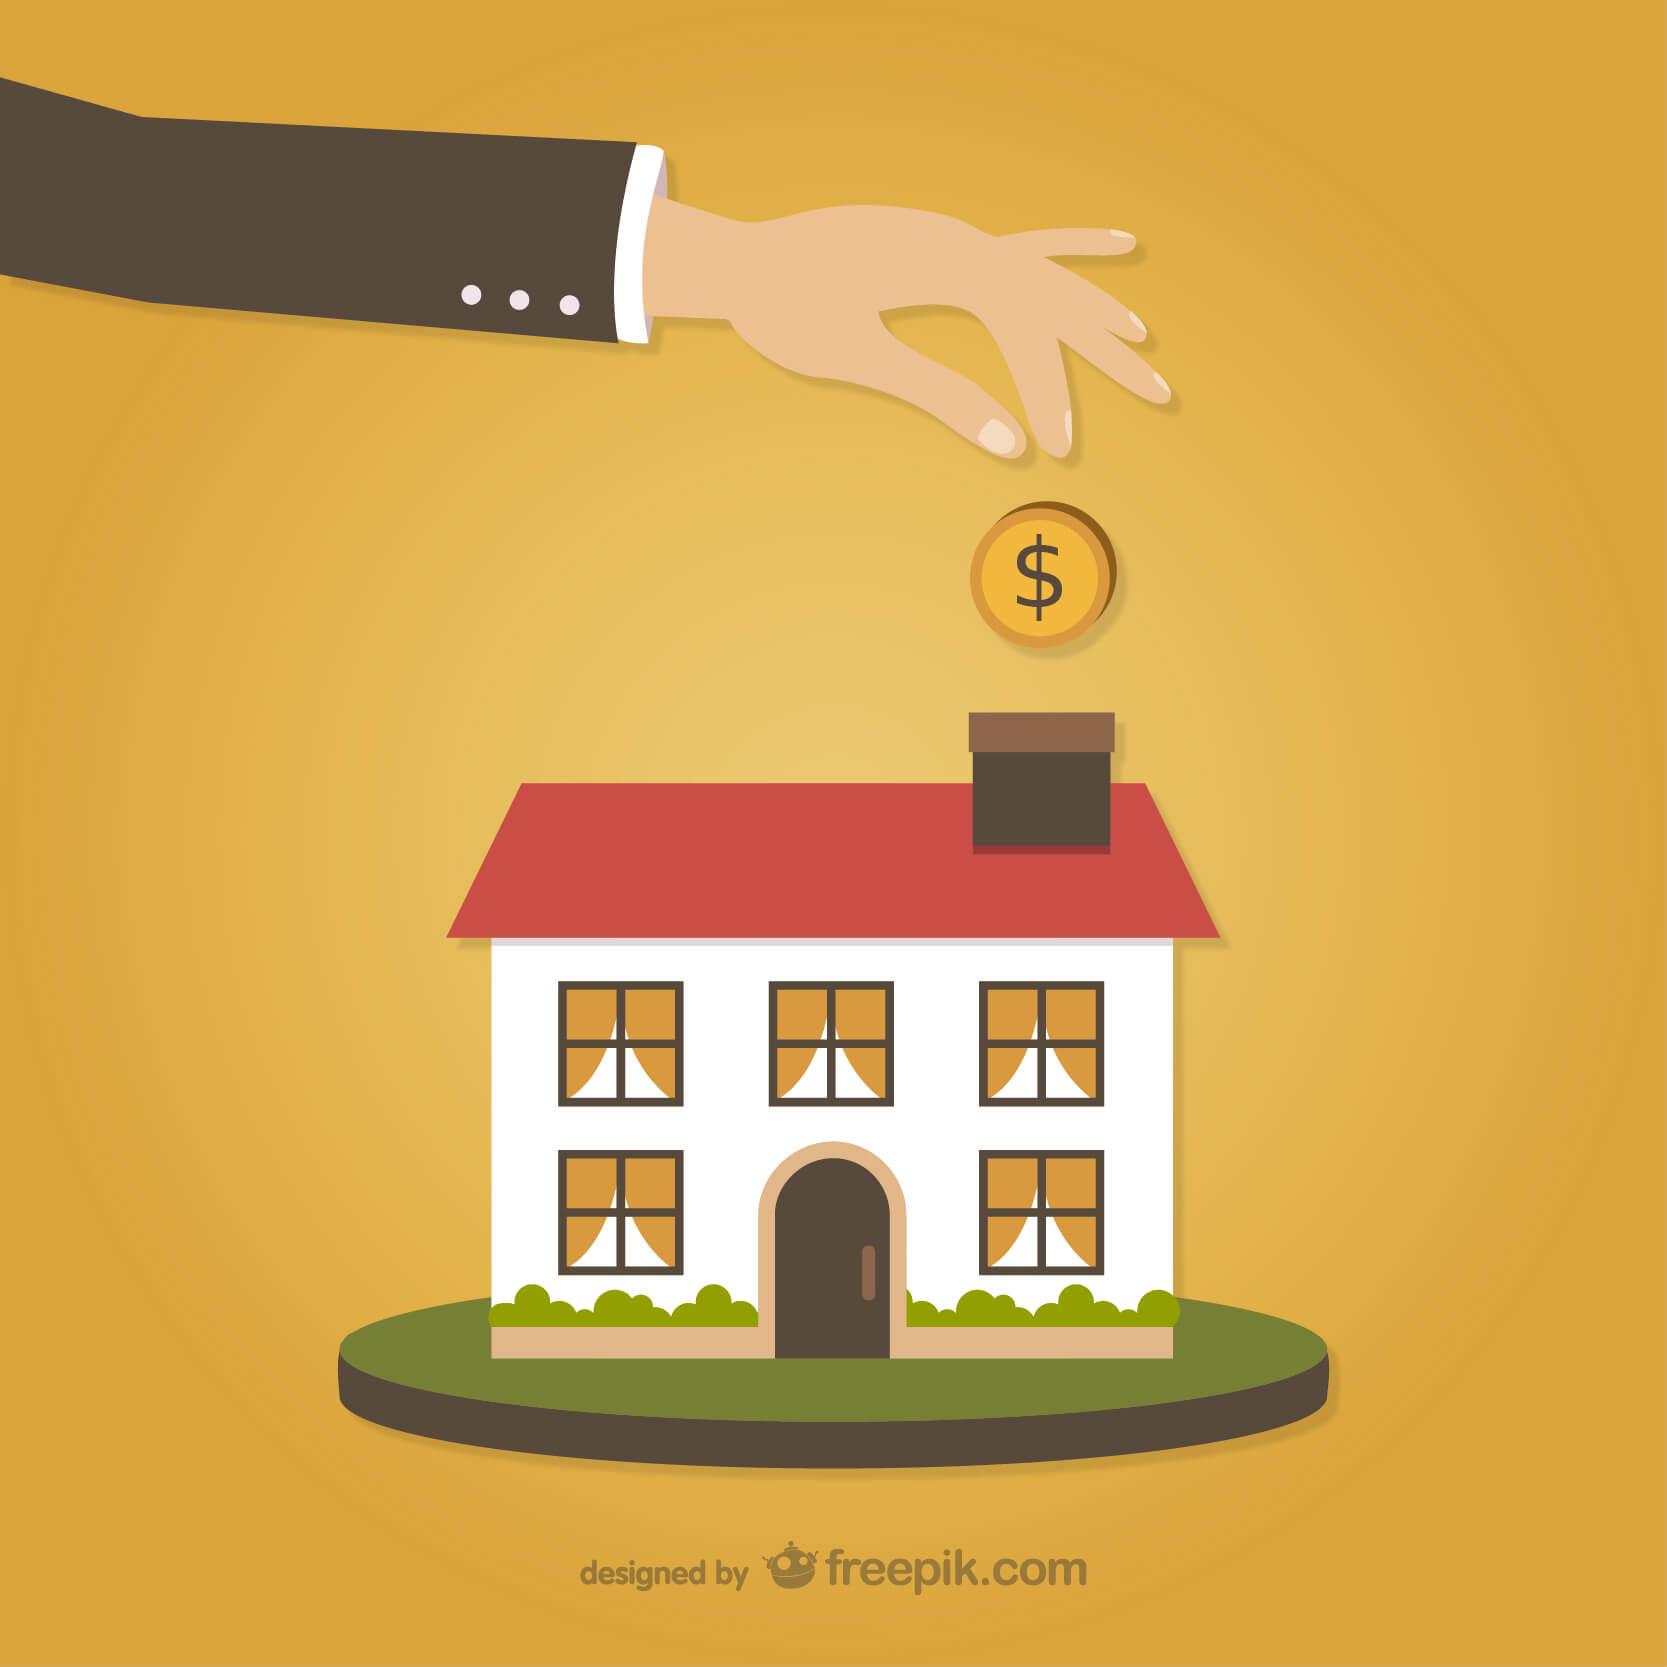 Как понять, что инвестиции в недвижимость удачны?